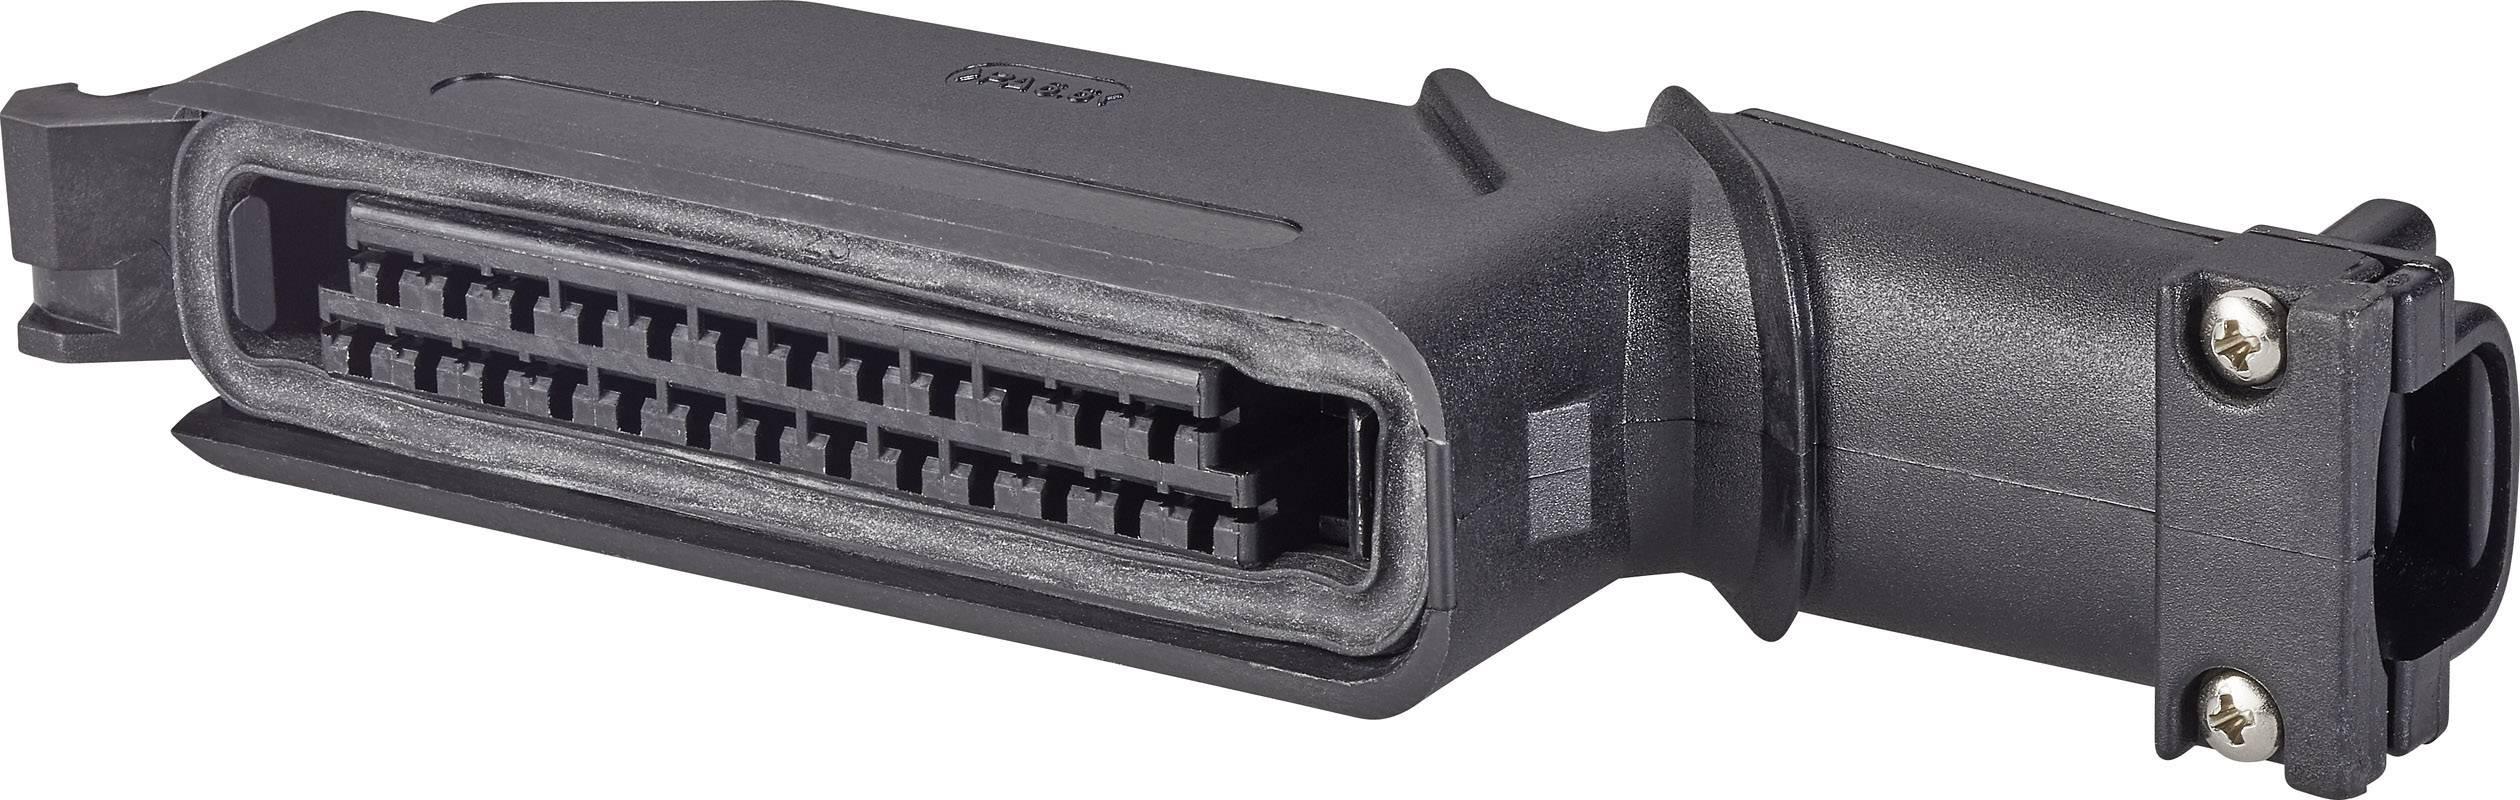 Zástrčkový konektor na kábel TE Connectivity 827249-2 827249-2, pólů 25, rozteč 5 mm, 1 ks